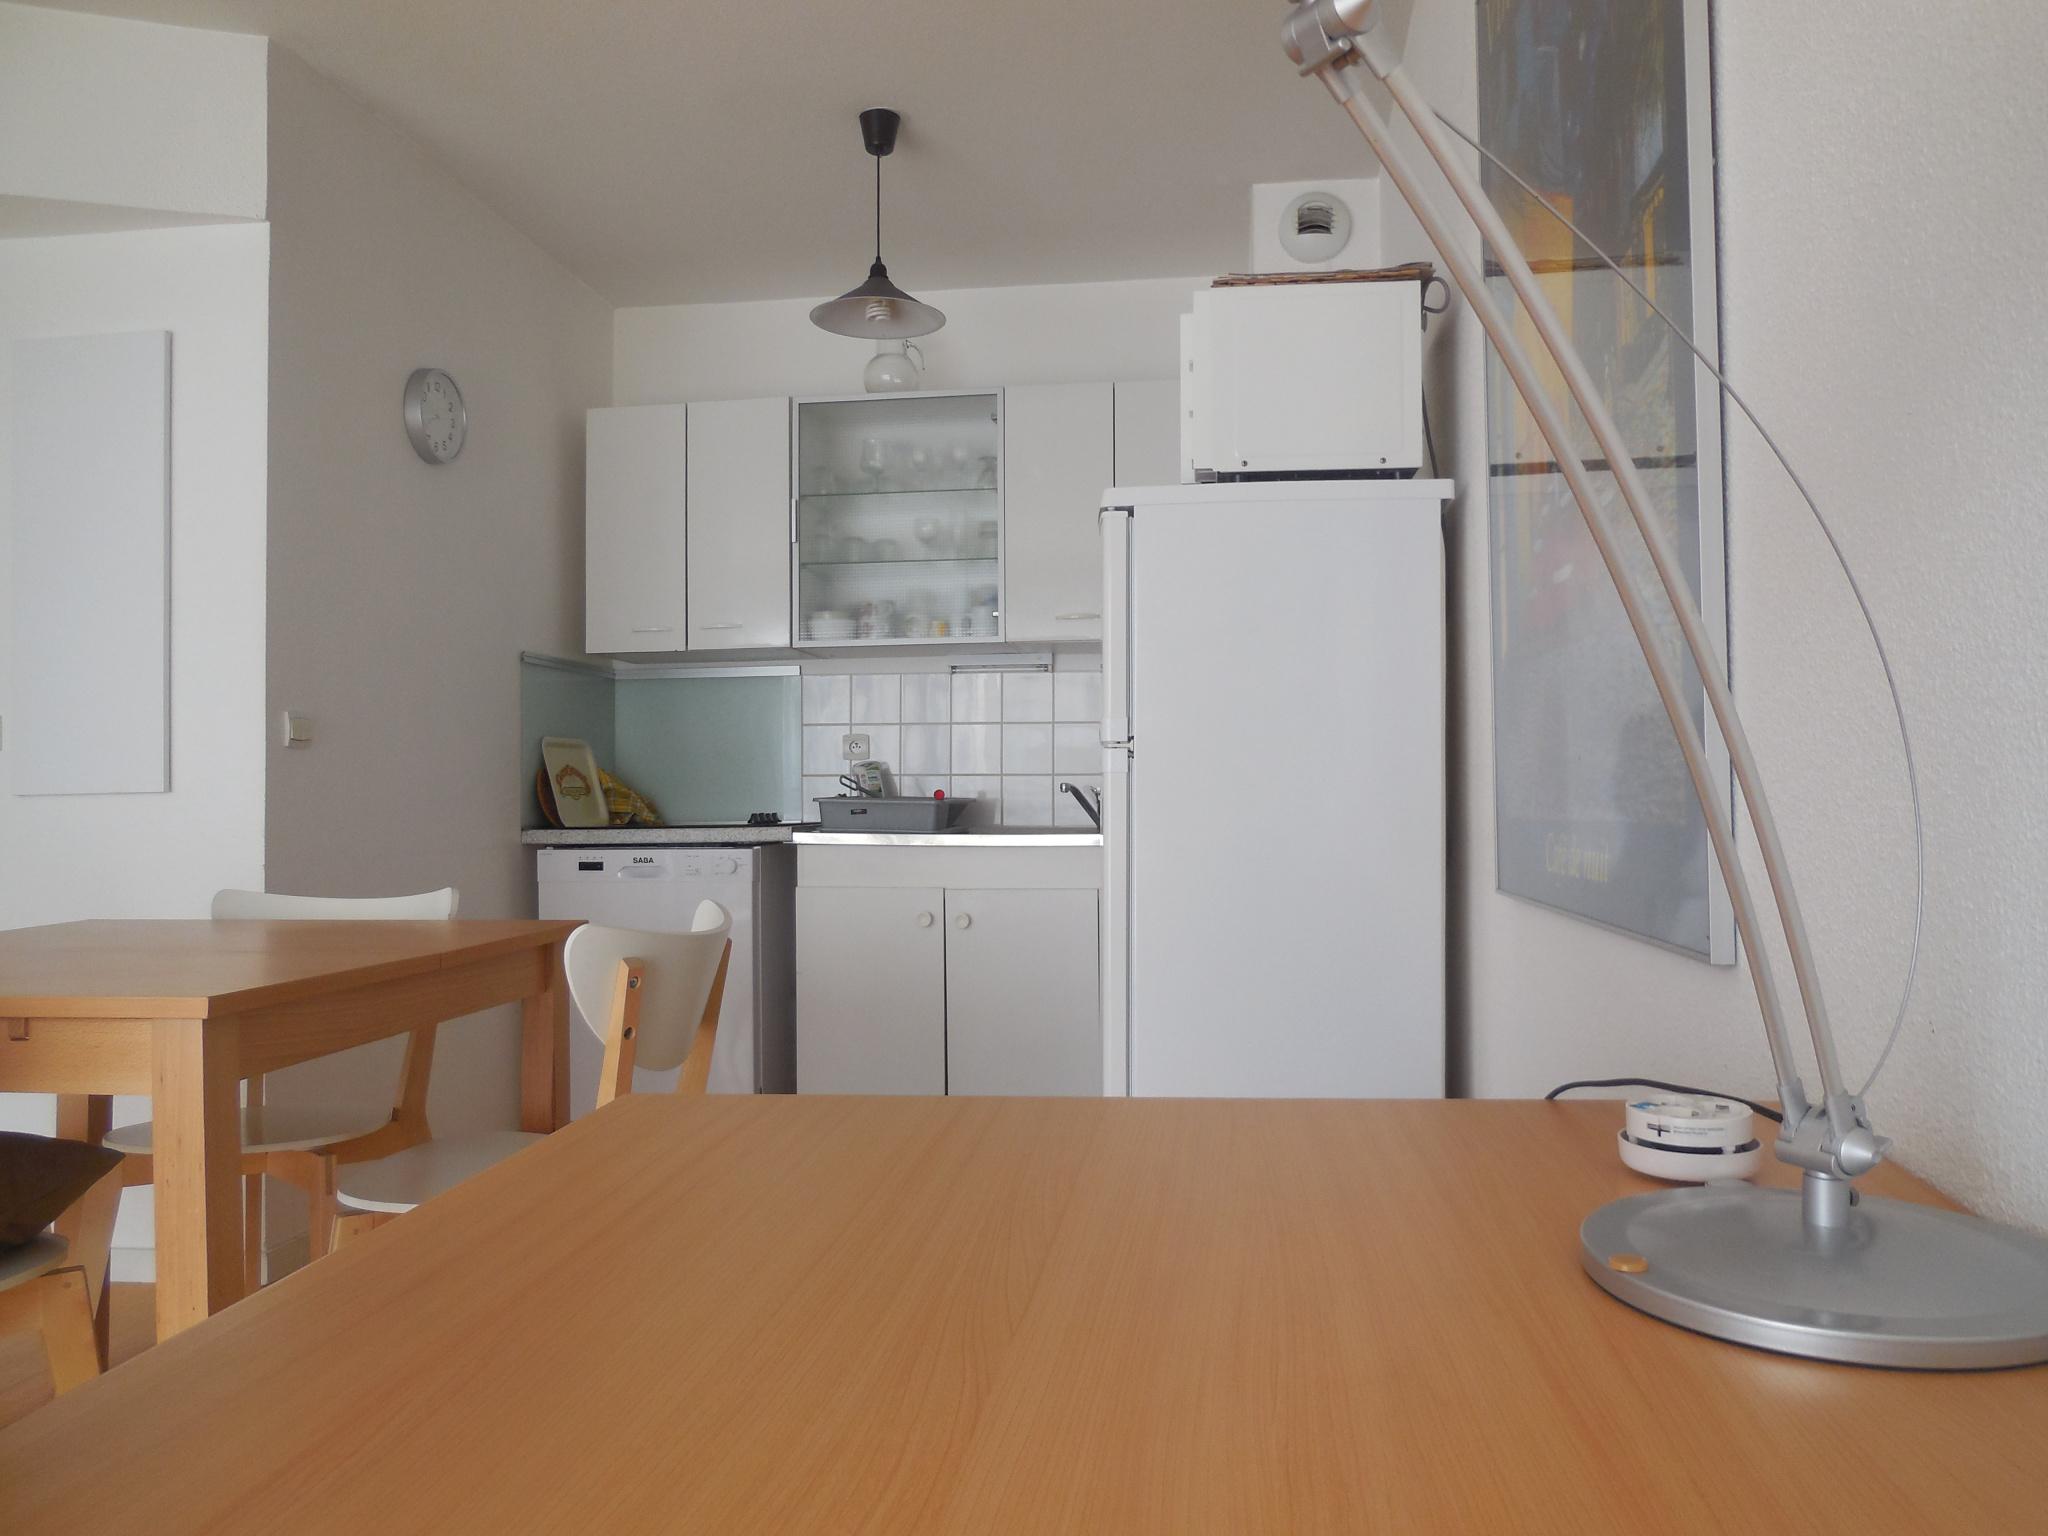 appartement la rochelle LA ROCHELLE - APPARTEMENT DE TYPE 2 - LES MINIMES